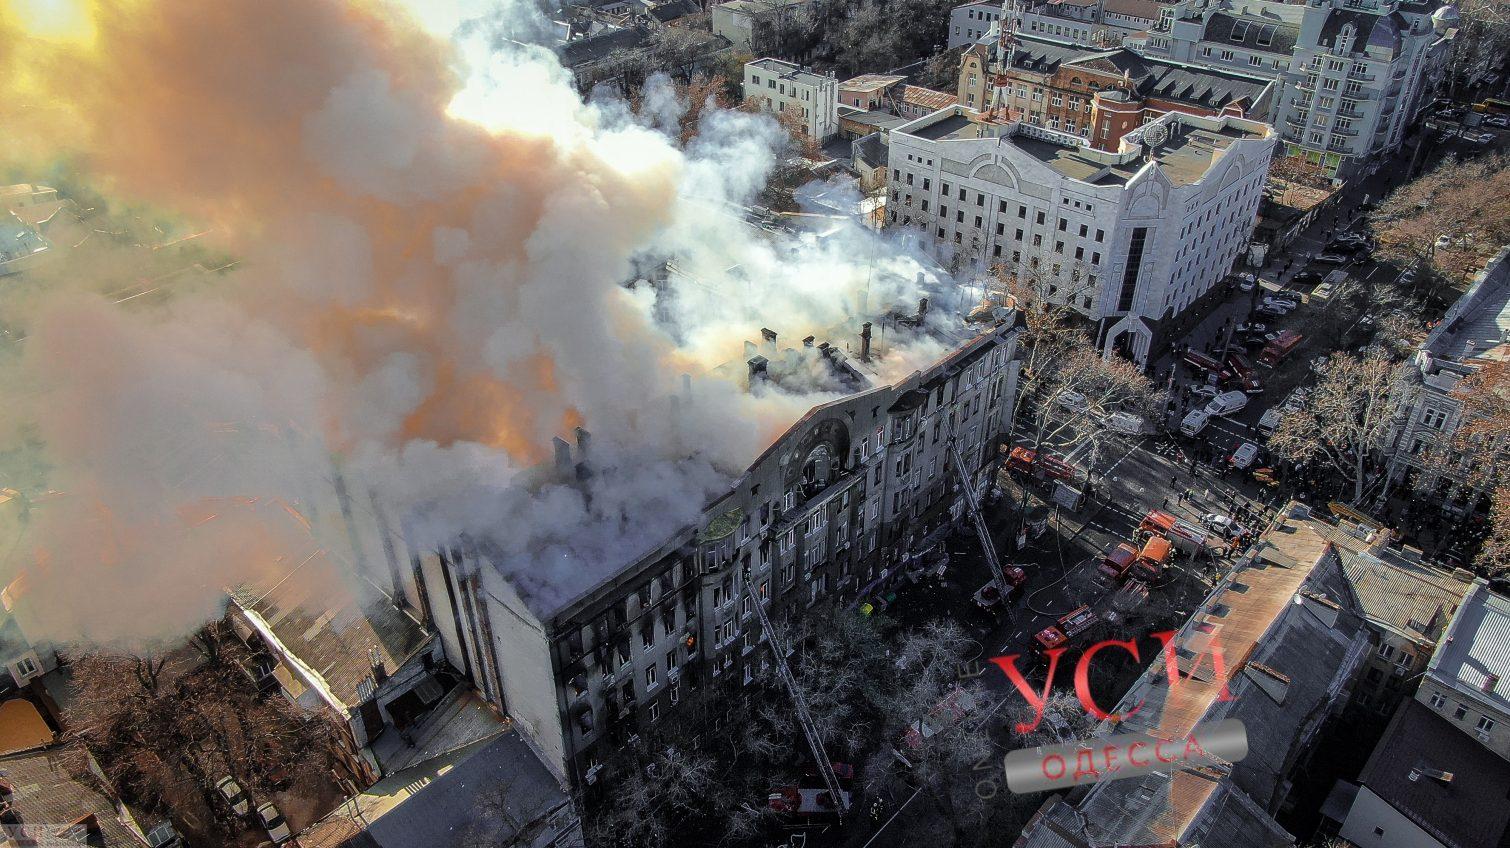 В результате пожара в центре Одессы погибли трое людей, — источник ОПРОВЕРГНУТО «фото»